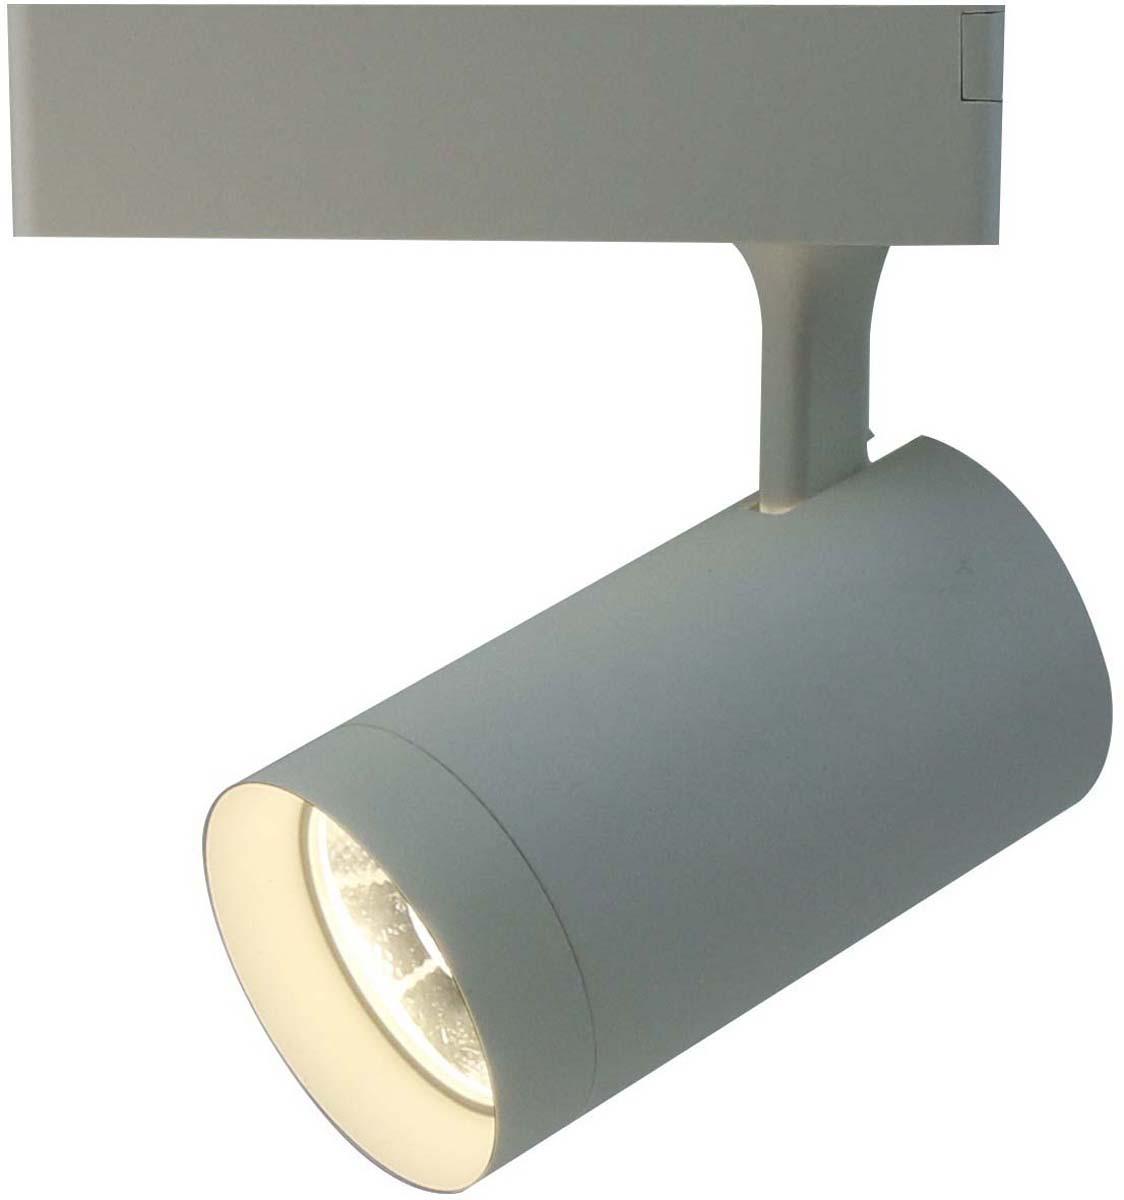 Светильник потолочный Arte Lamp Soffitto, цвет: белый, 1 х LED, 20 W. A1720PL-1WH пылесос iclebo arte silver ycr m05 20